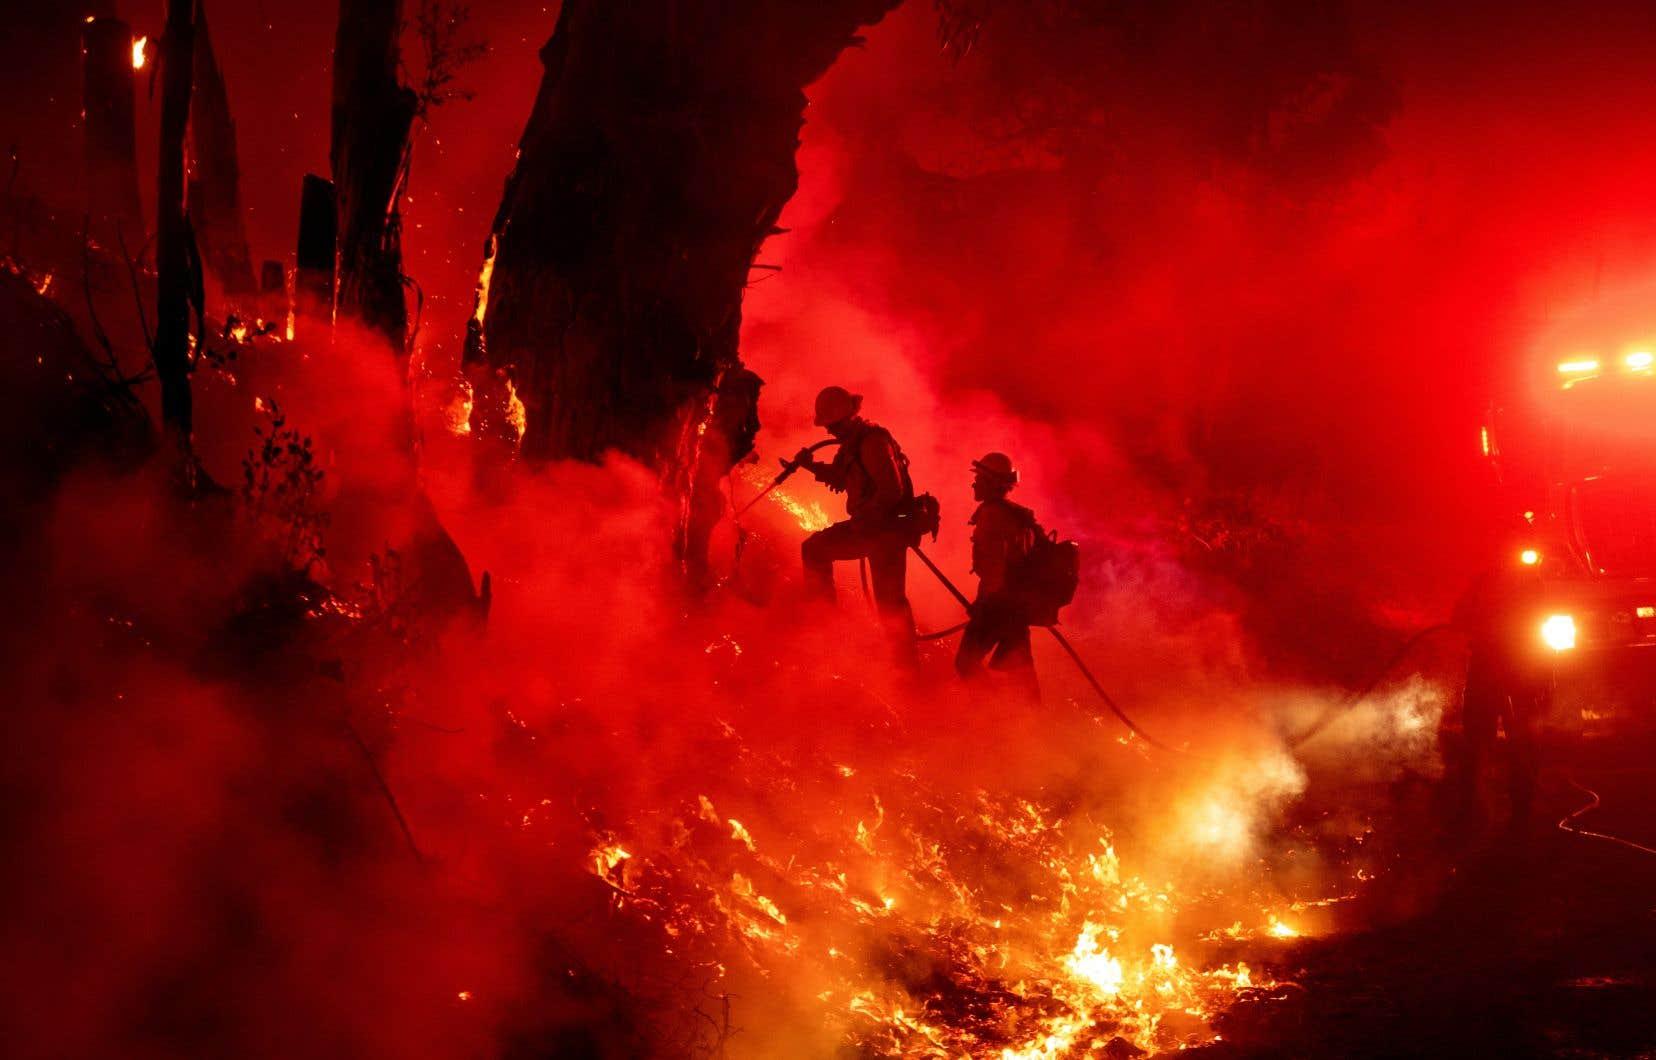 <p>L'incendie <em>Maria</em>menace deux petites villes agricoles et a déjà entraîné l'évacuation de plus de 7000 personnes et ravagé 2000 hectares.</p>